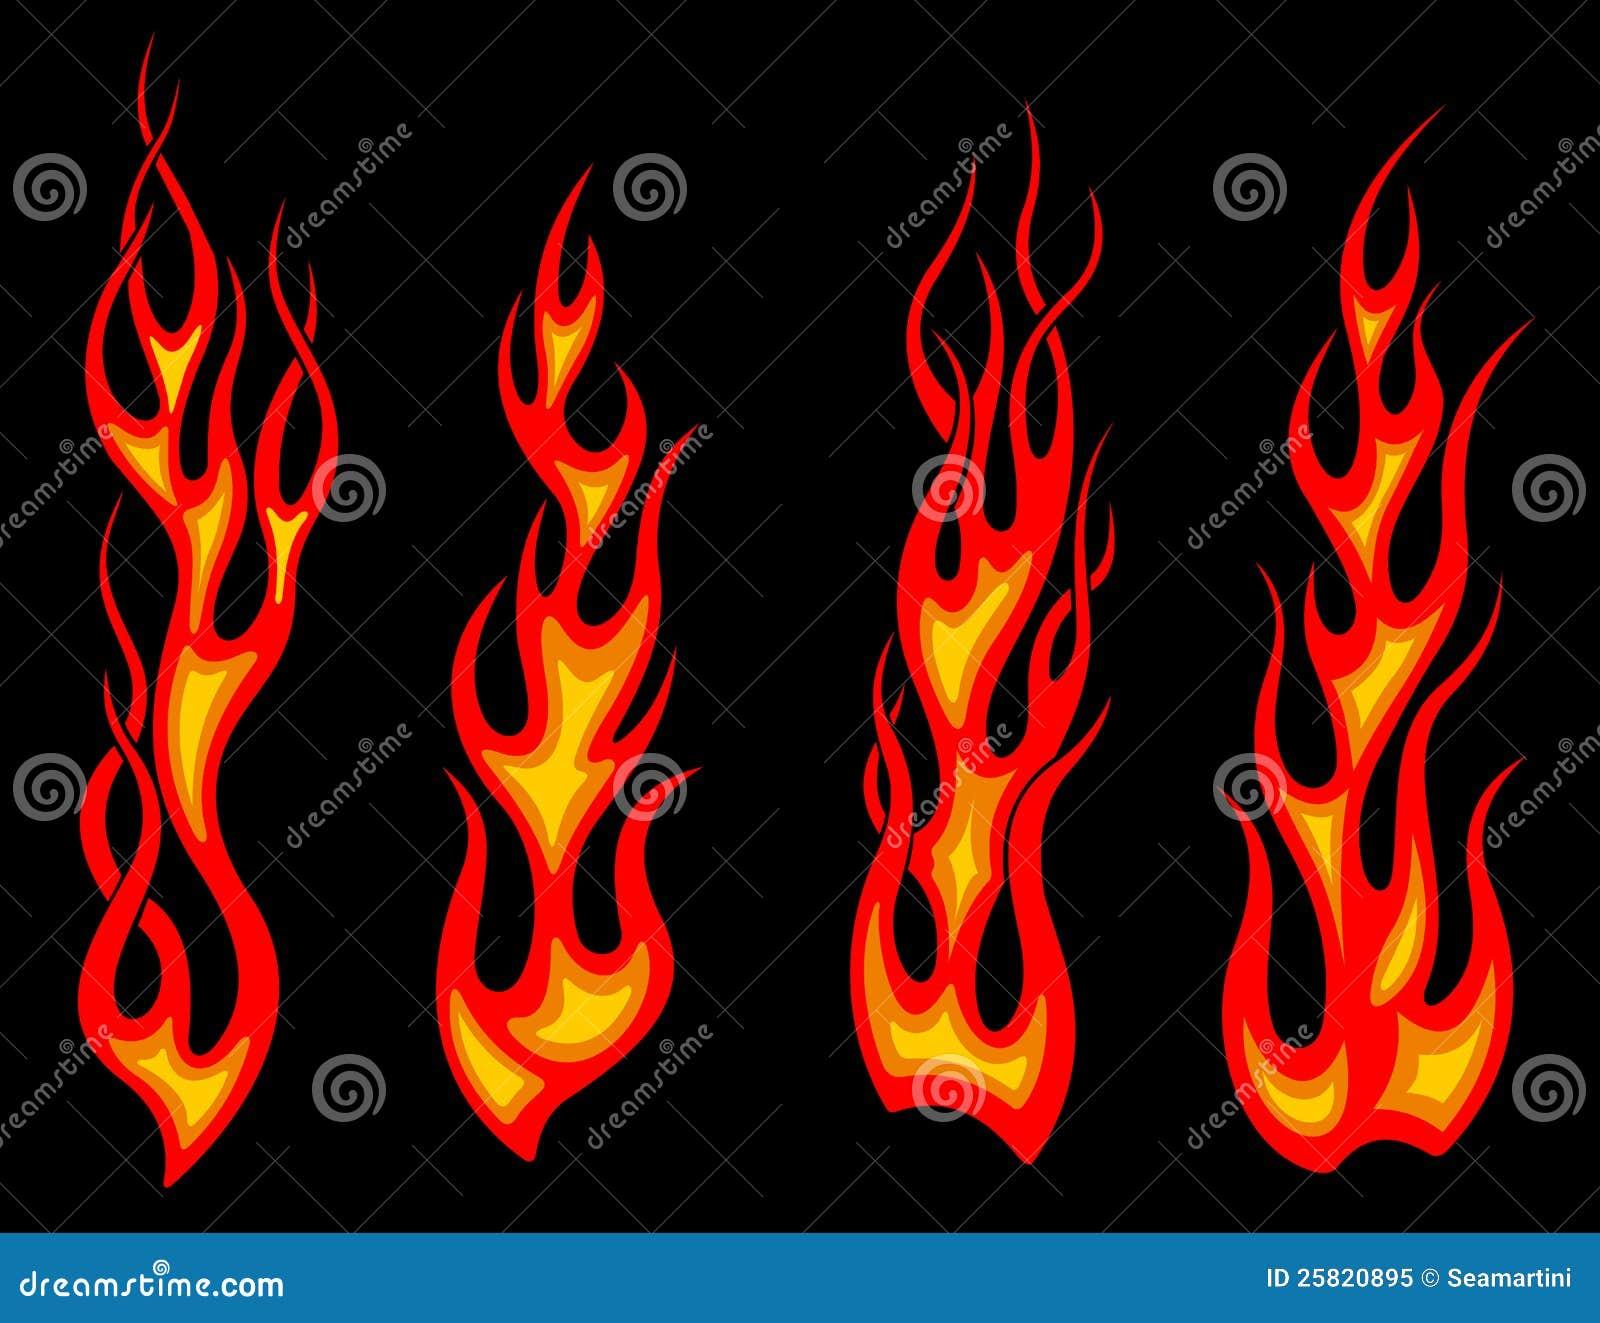 bbq grill tattoos